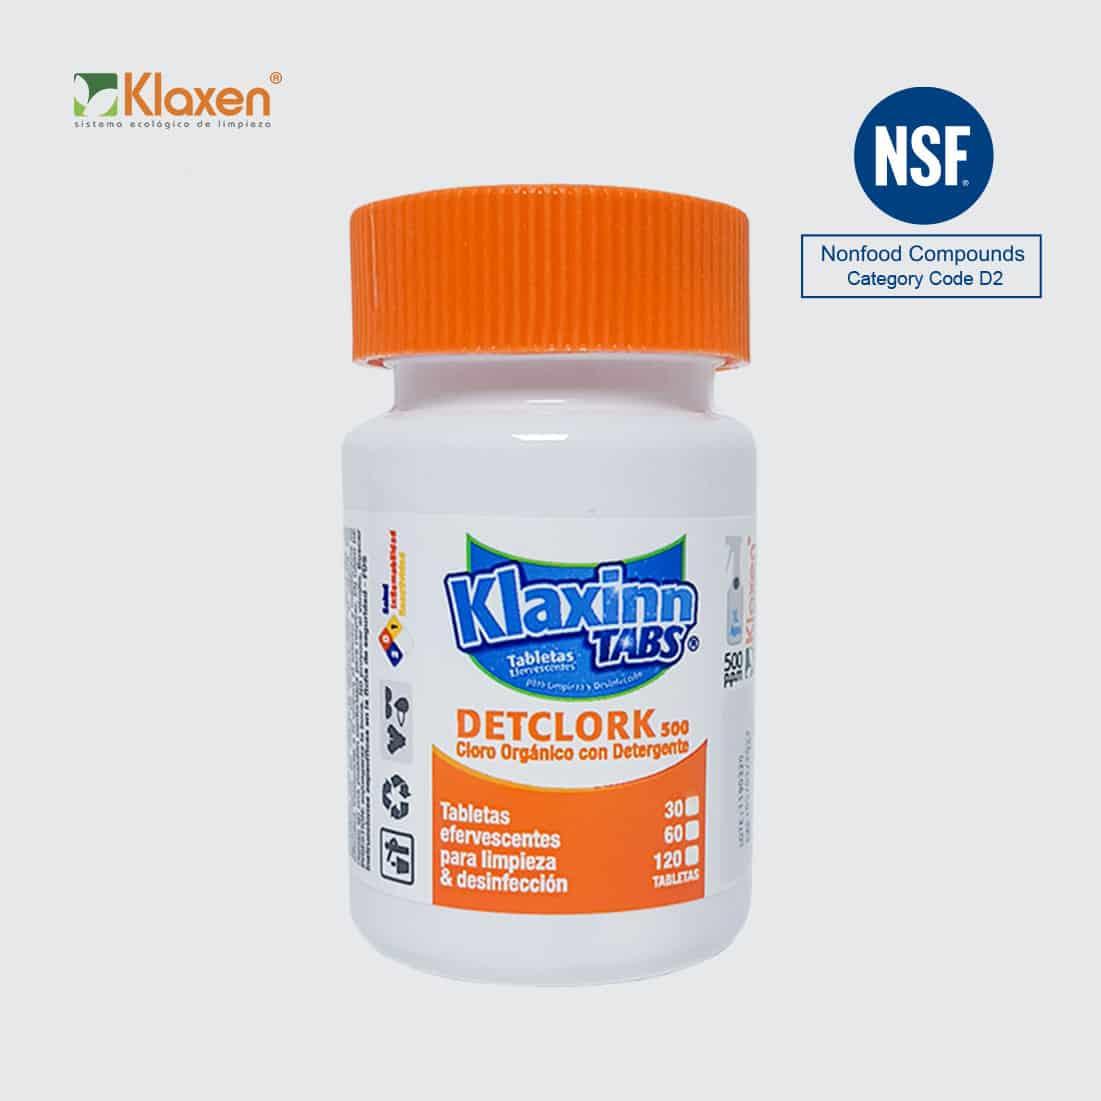 Klaxinn Tabs 500ppm – Tabletas de cloro orgánico